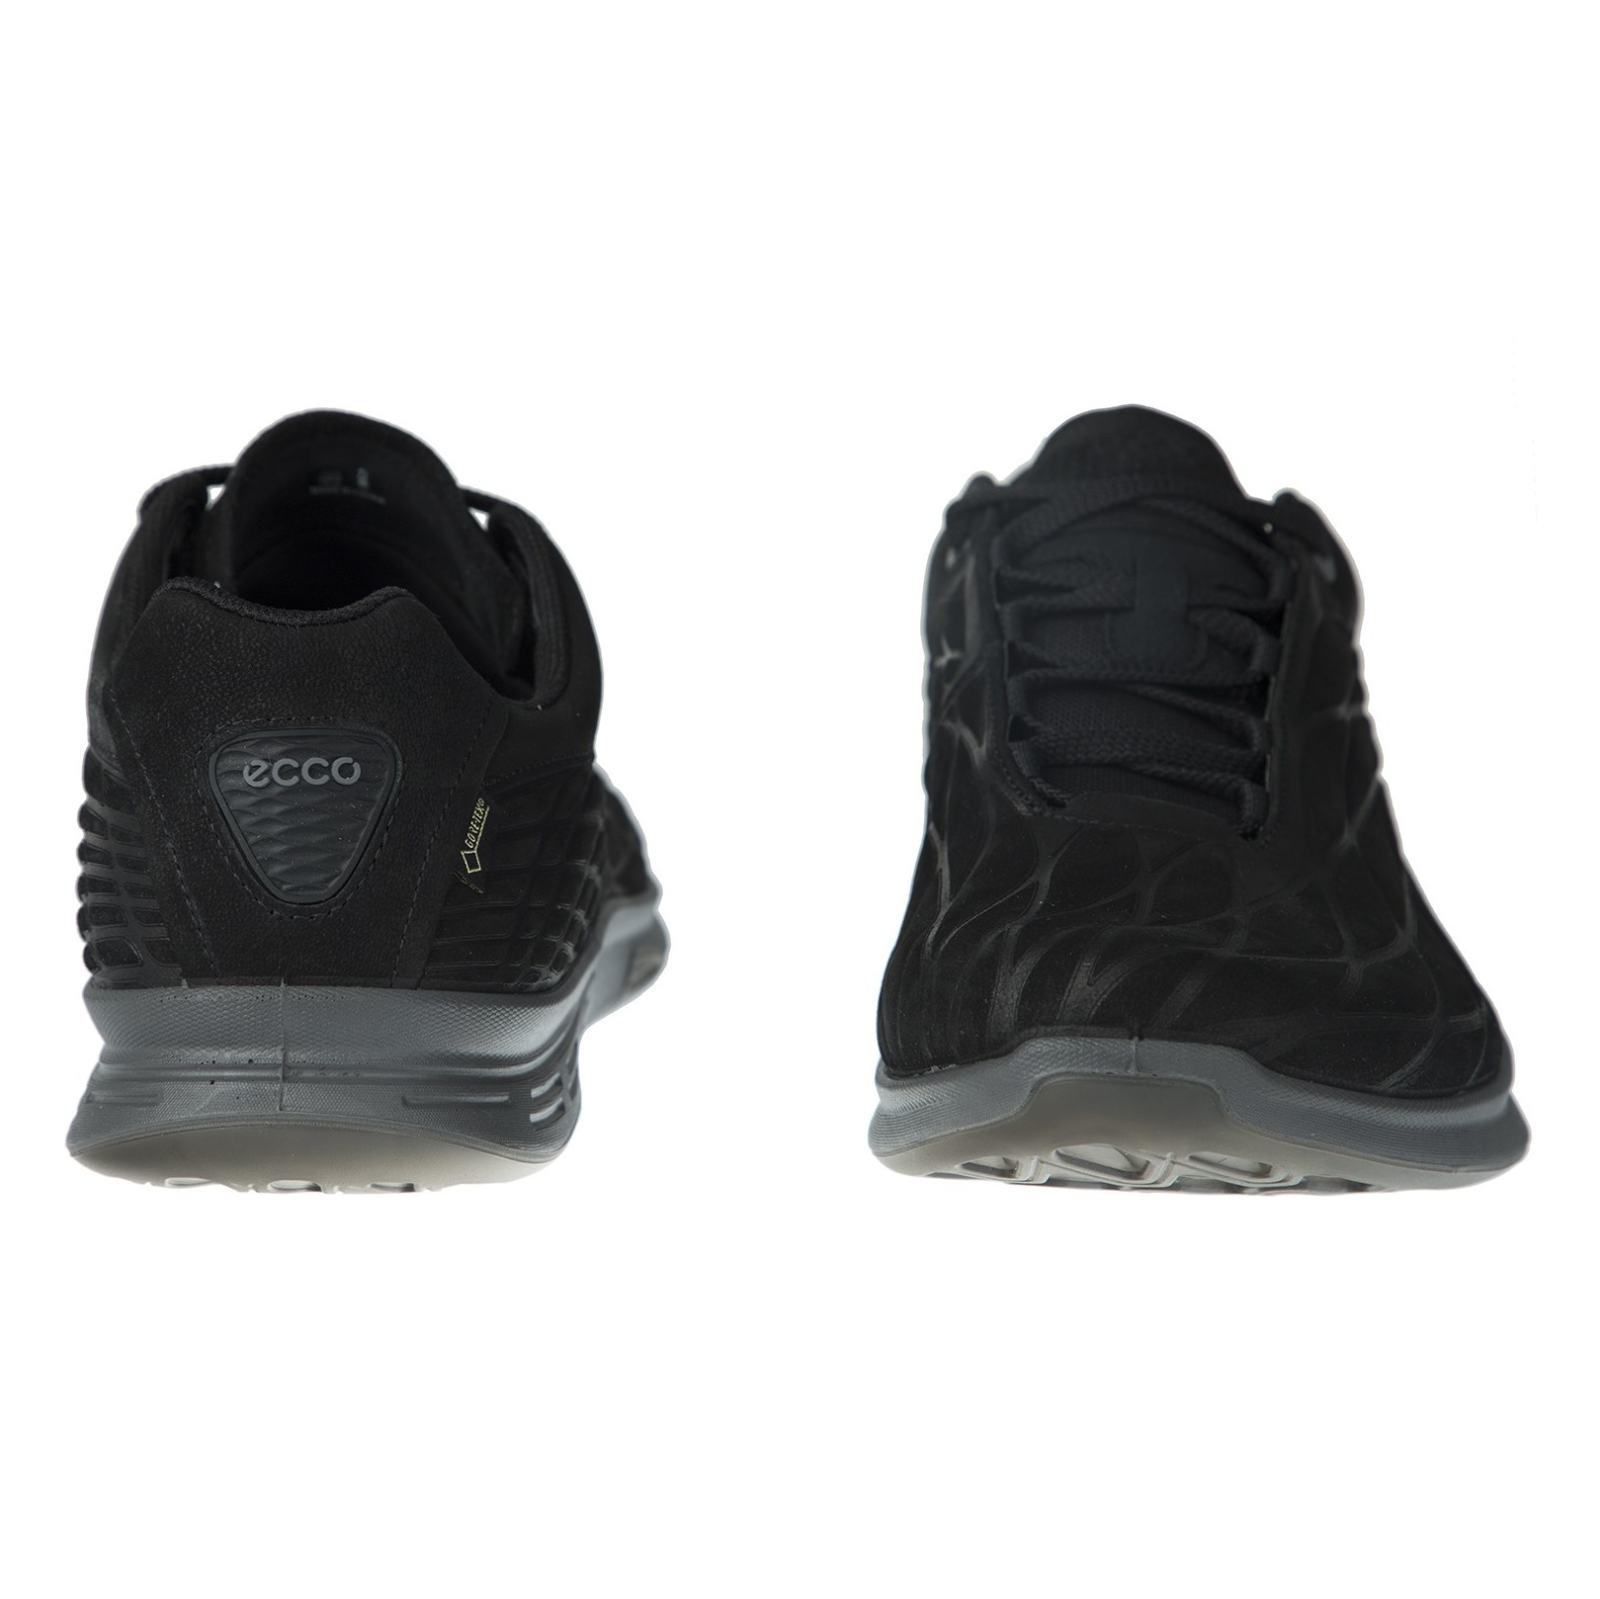 کفش ورزشی بندی مردانه Exceed - اکو - مشکي - 5